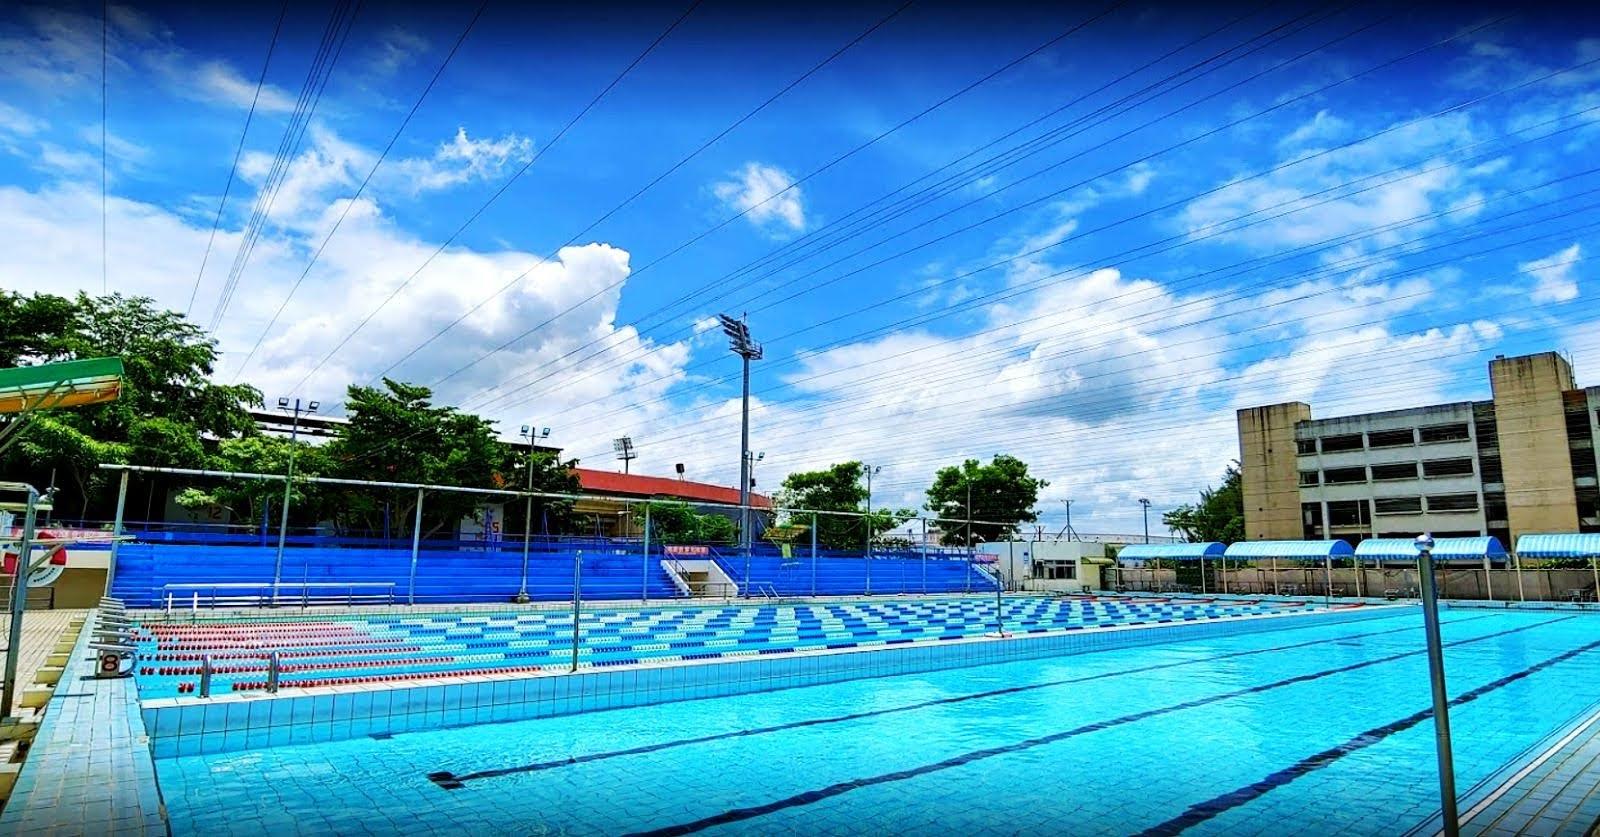 82歲台南市立游泳池與水都合約到期|9月底關閉整修|期待明年再次開放